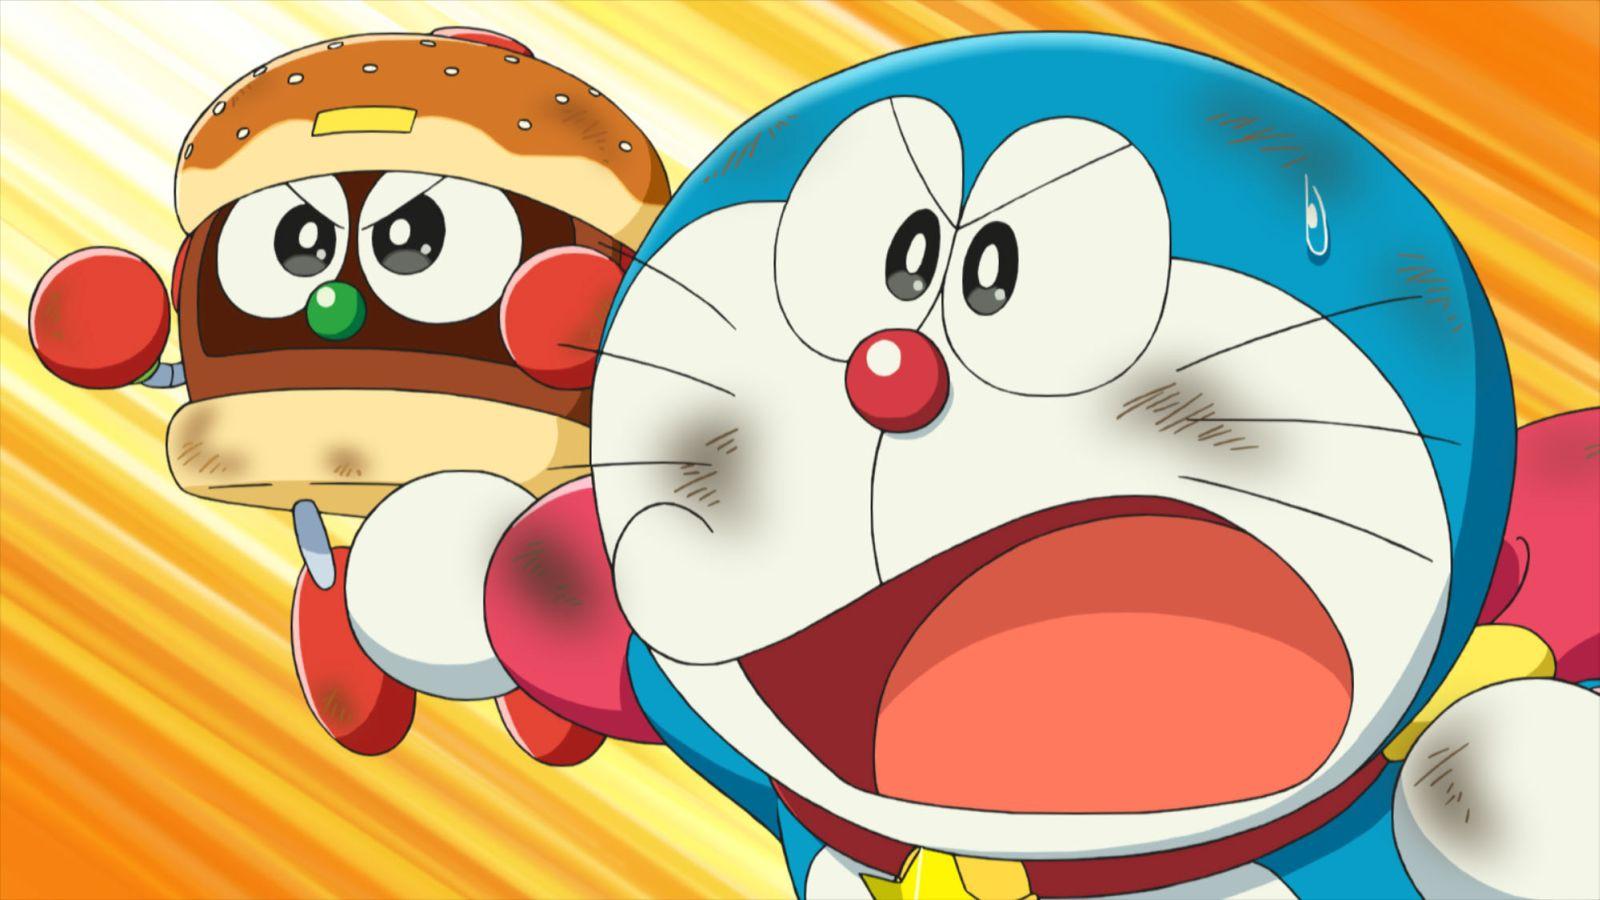 Doraemon il film: Nobita e gli eroi dello spazio, una scena del film animato